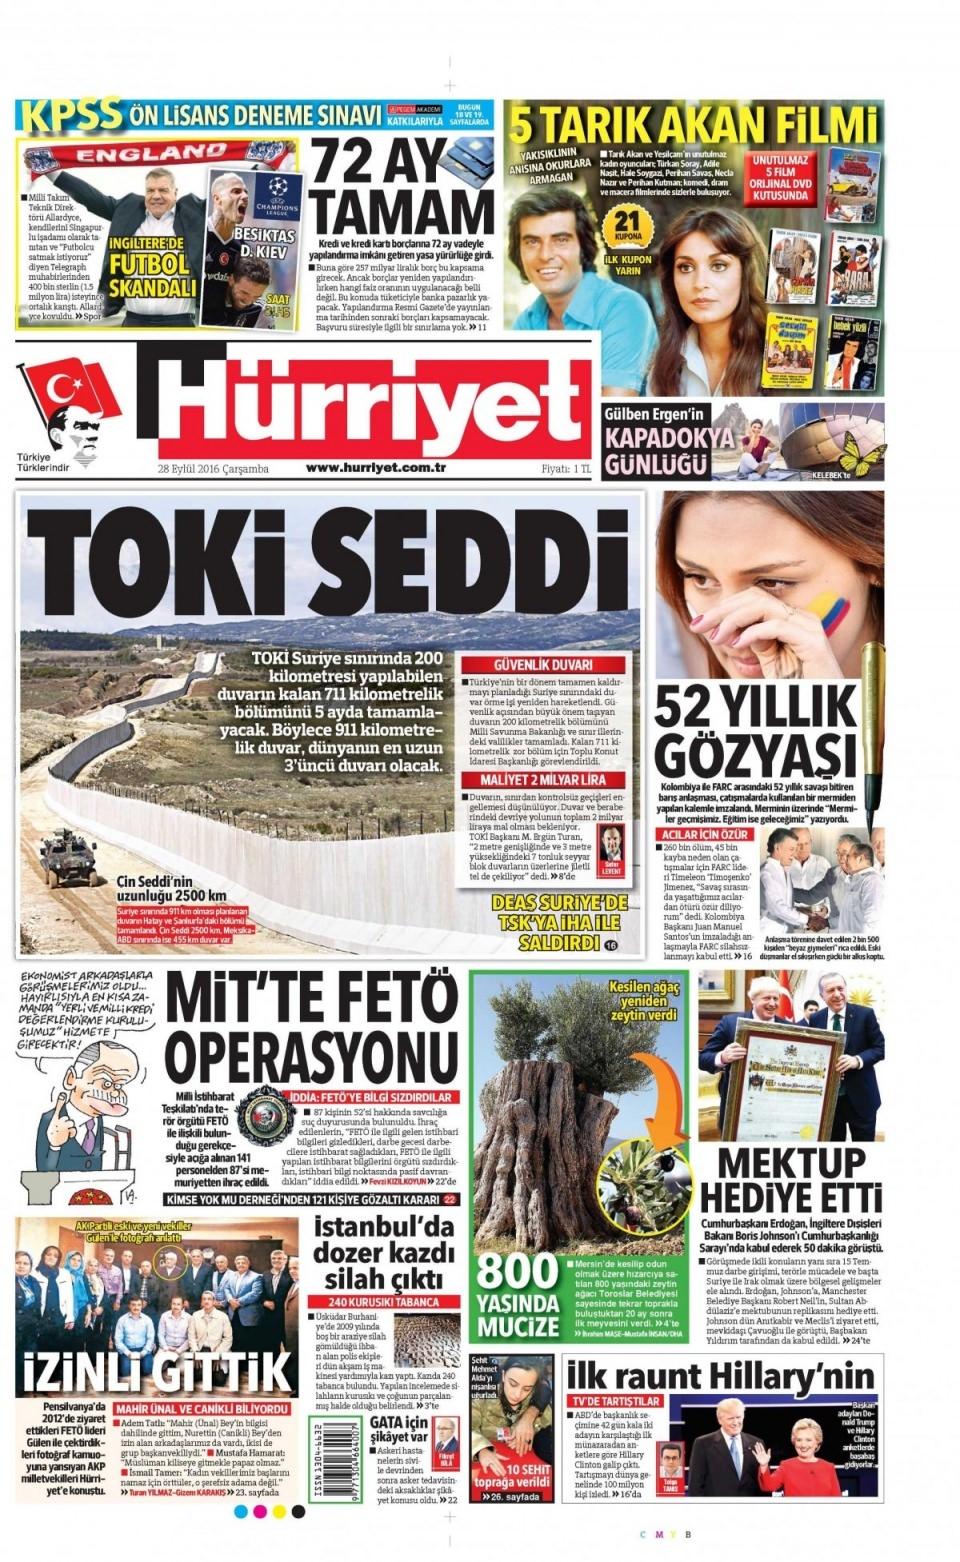 28 Eylül Çarşamba gazete manşetleri 10